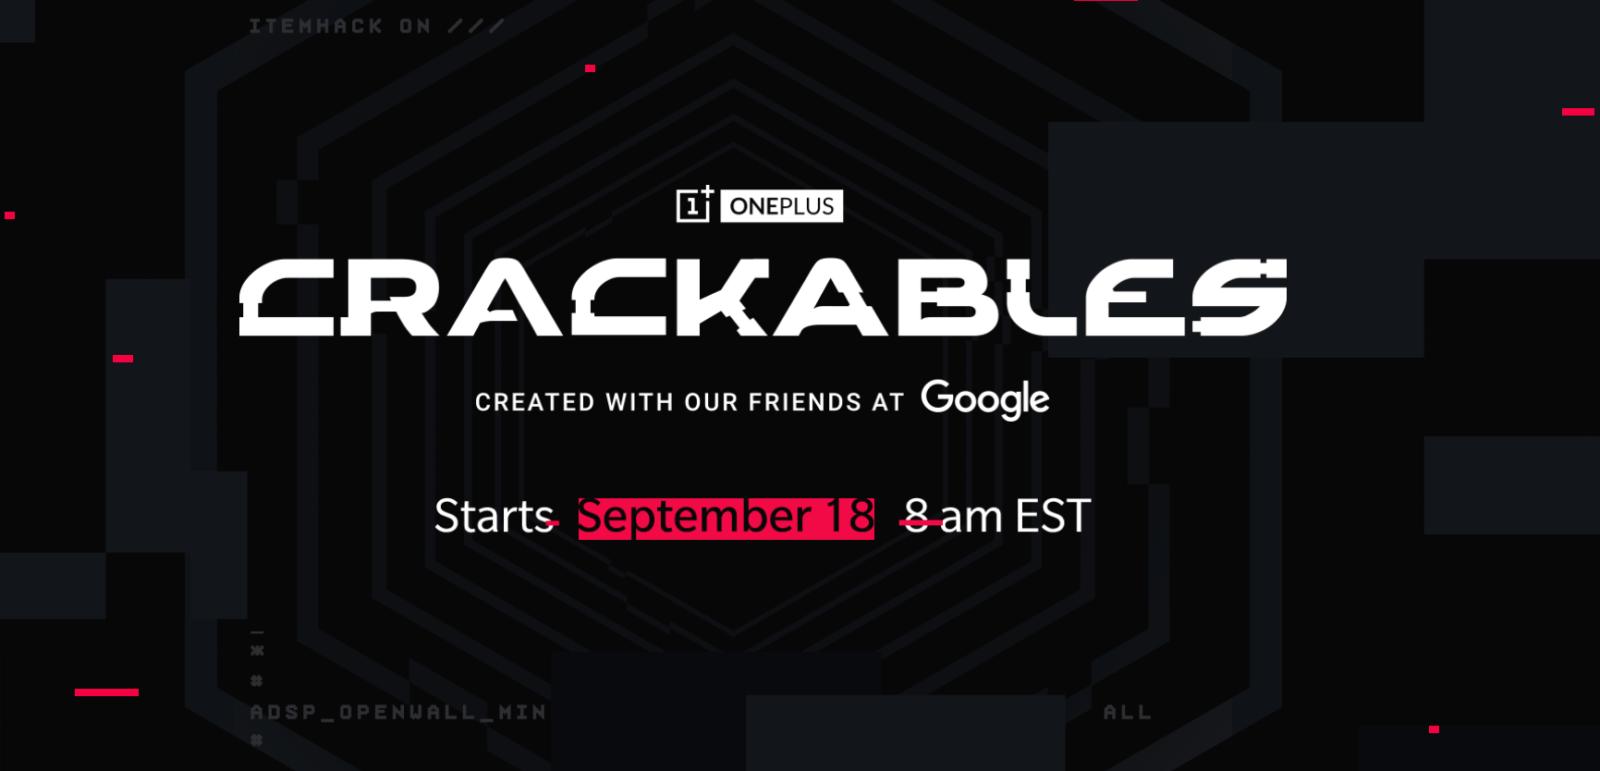 OnePlus lancia il contest Crackables, di cosa si tratta?